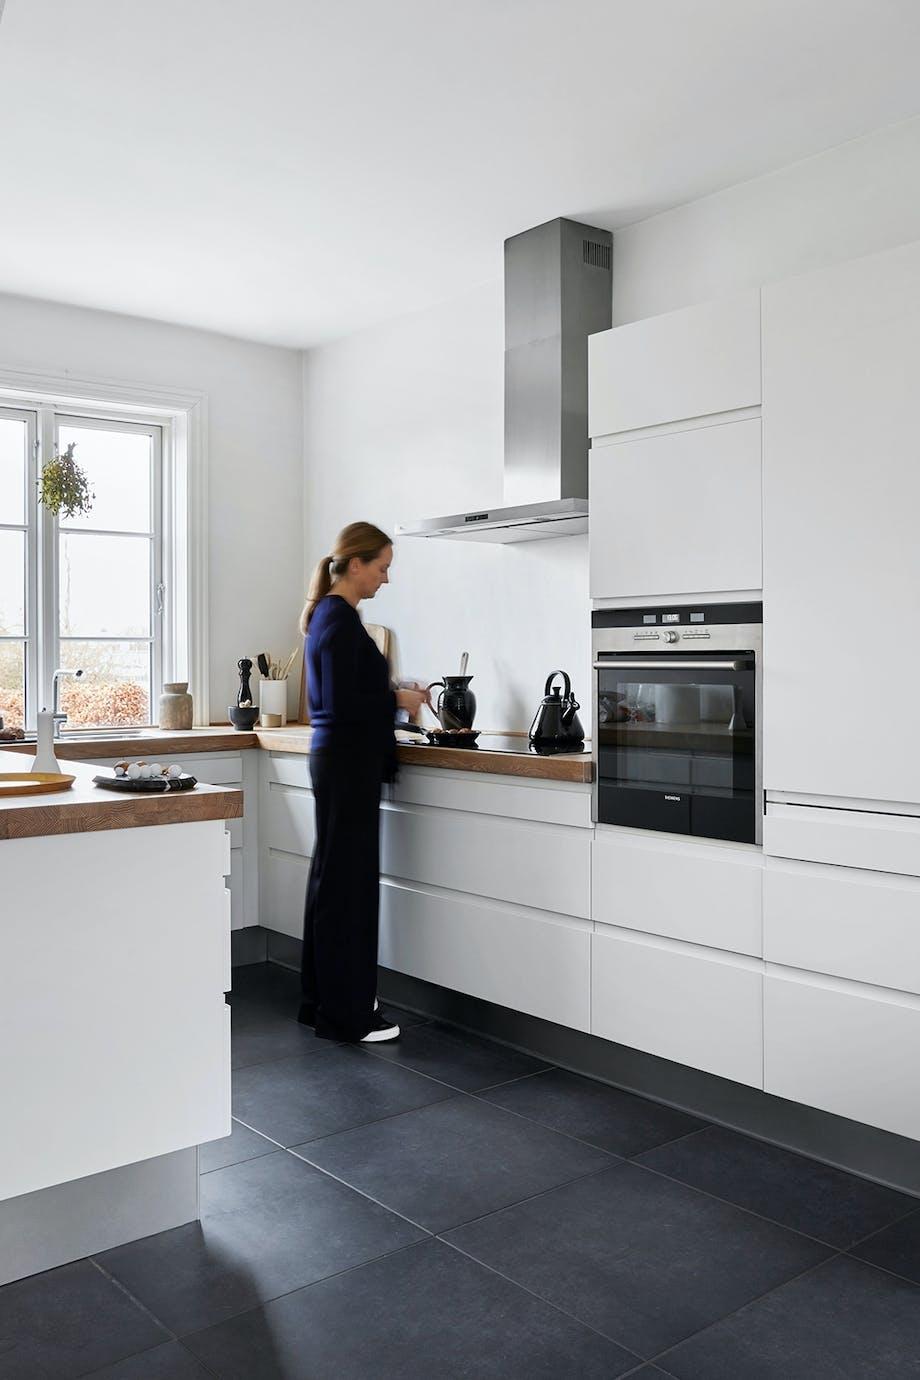 køkken hvidt køkkenskabe indretning moduler